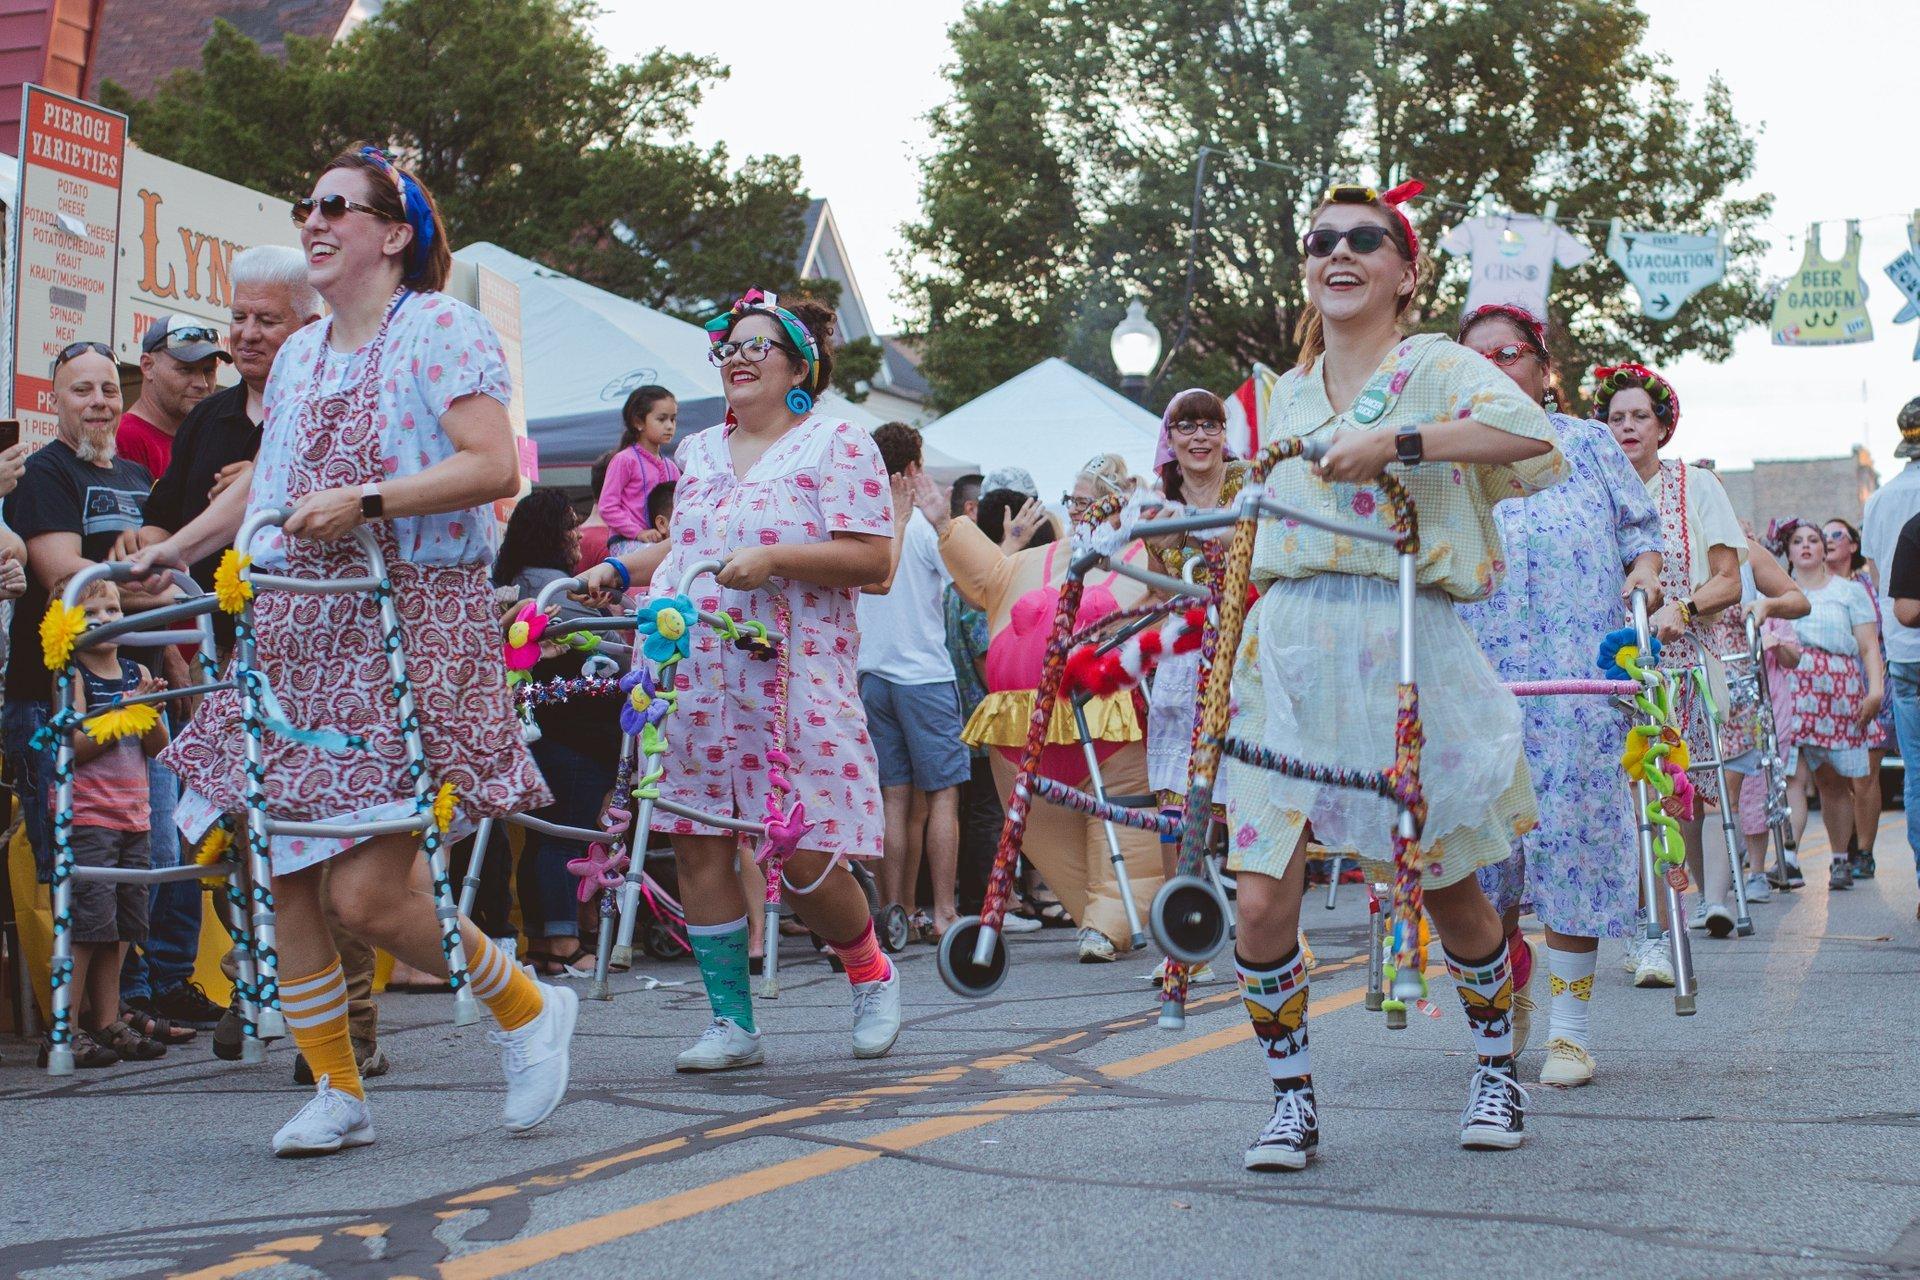 Pierogi Fest in Midwest - Best Season 2020